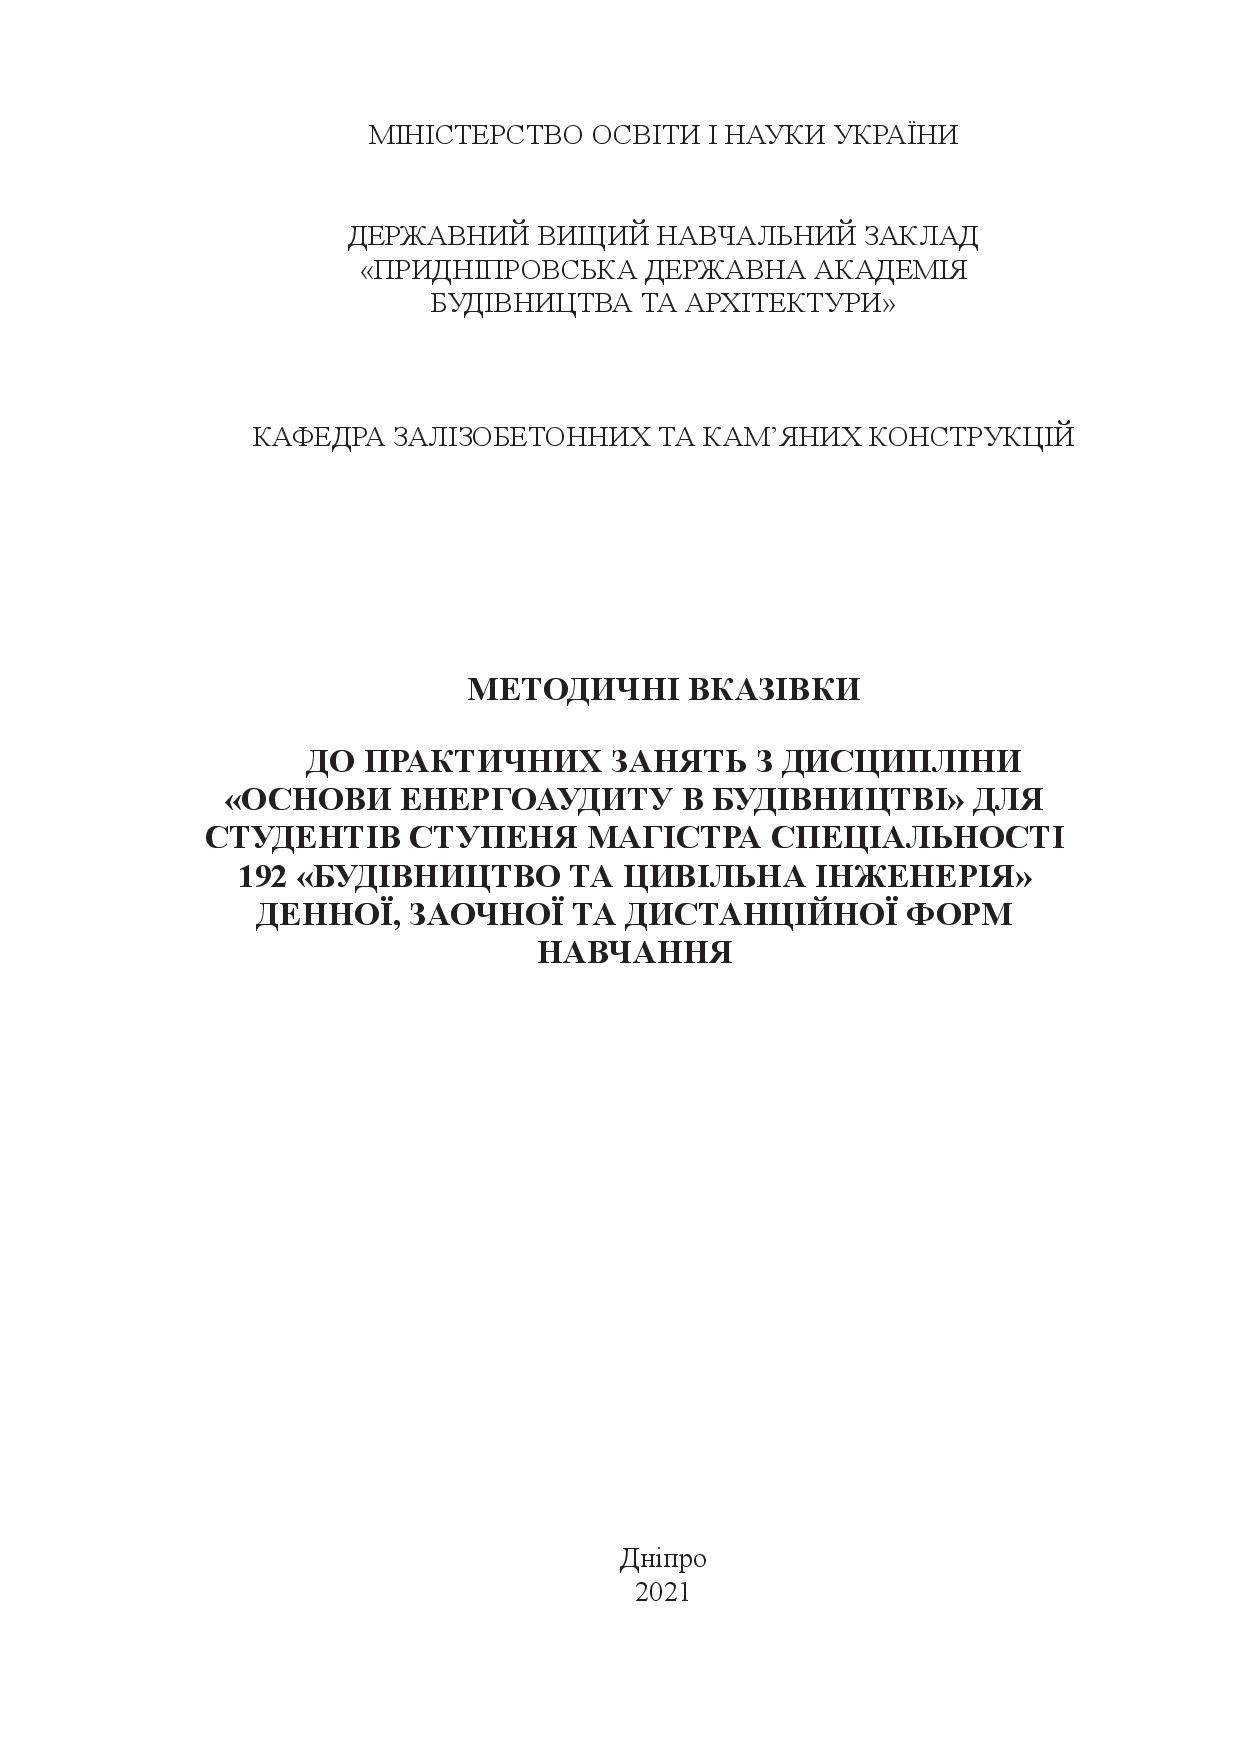 Методичні вказівки до практичних занять з дисципліни «Основи енергоаудиту в будівництві»